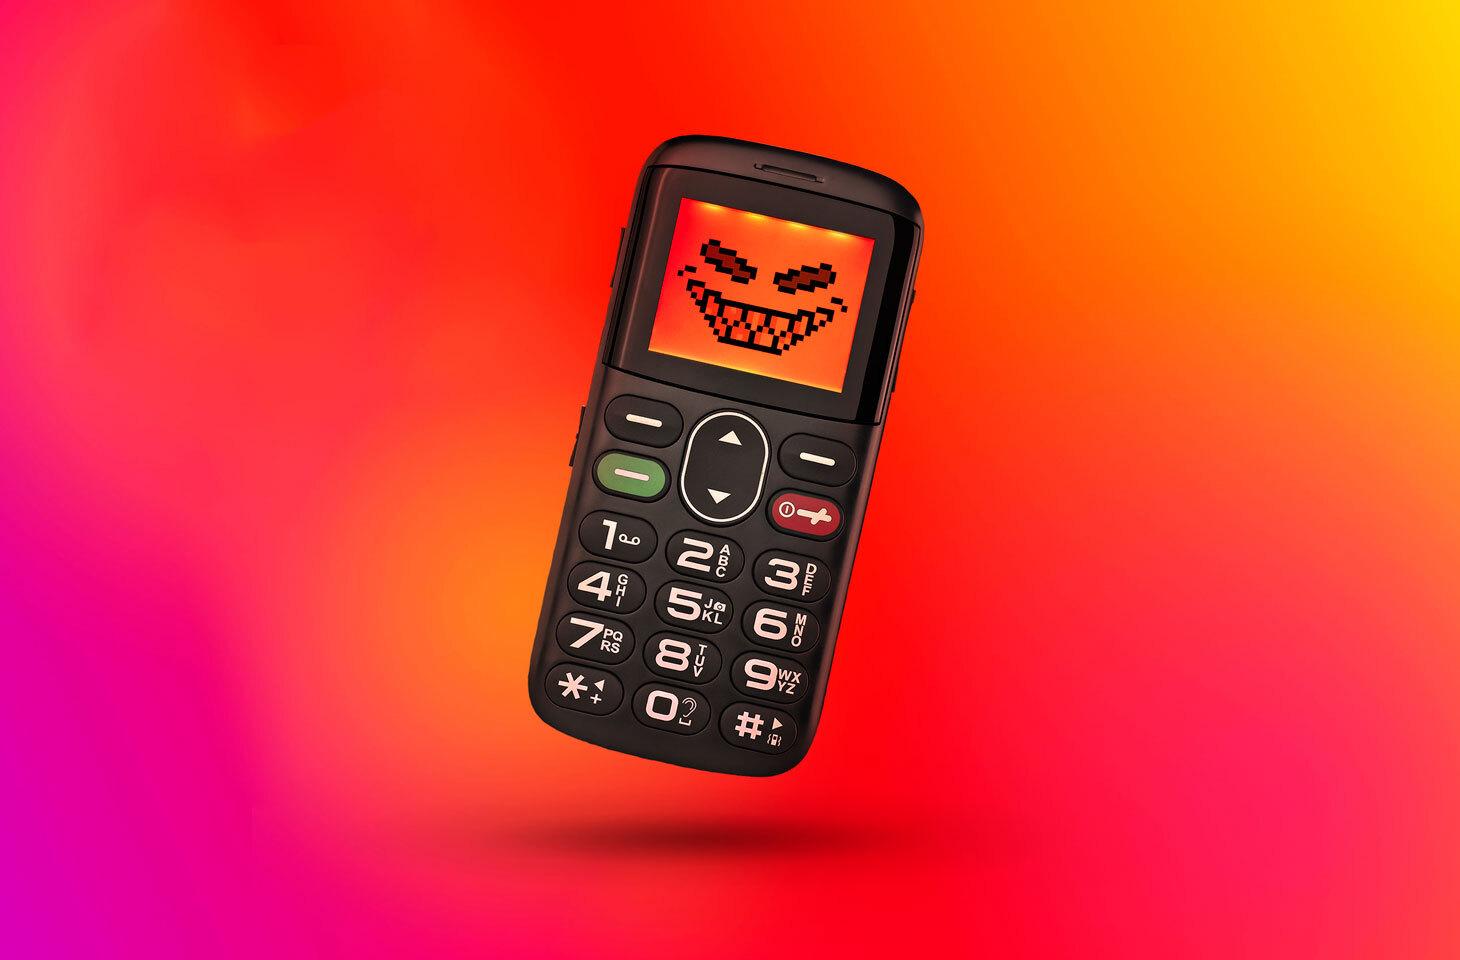 Basit telefonlar da tehlikeli olabilir. | Kaspersky Resmi Blogu